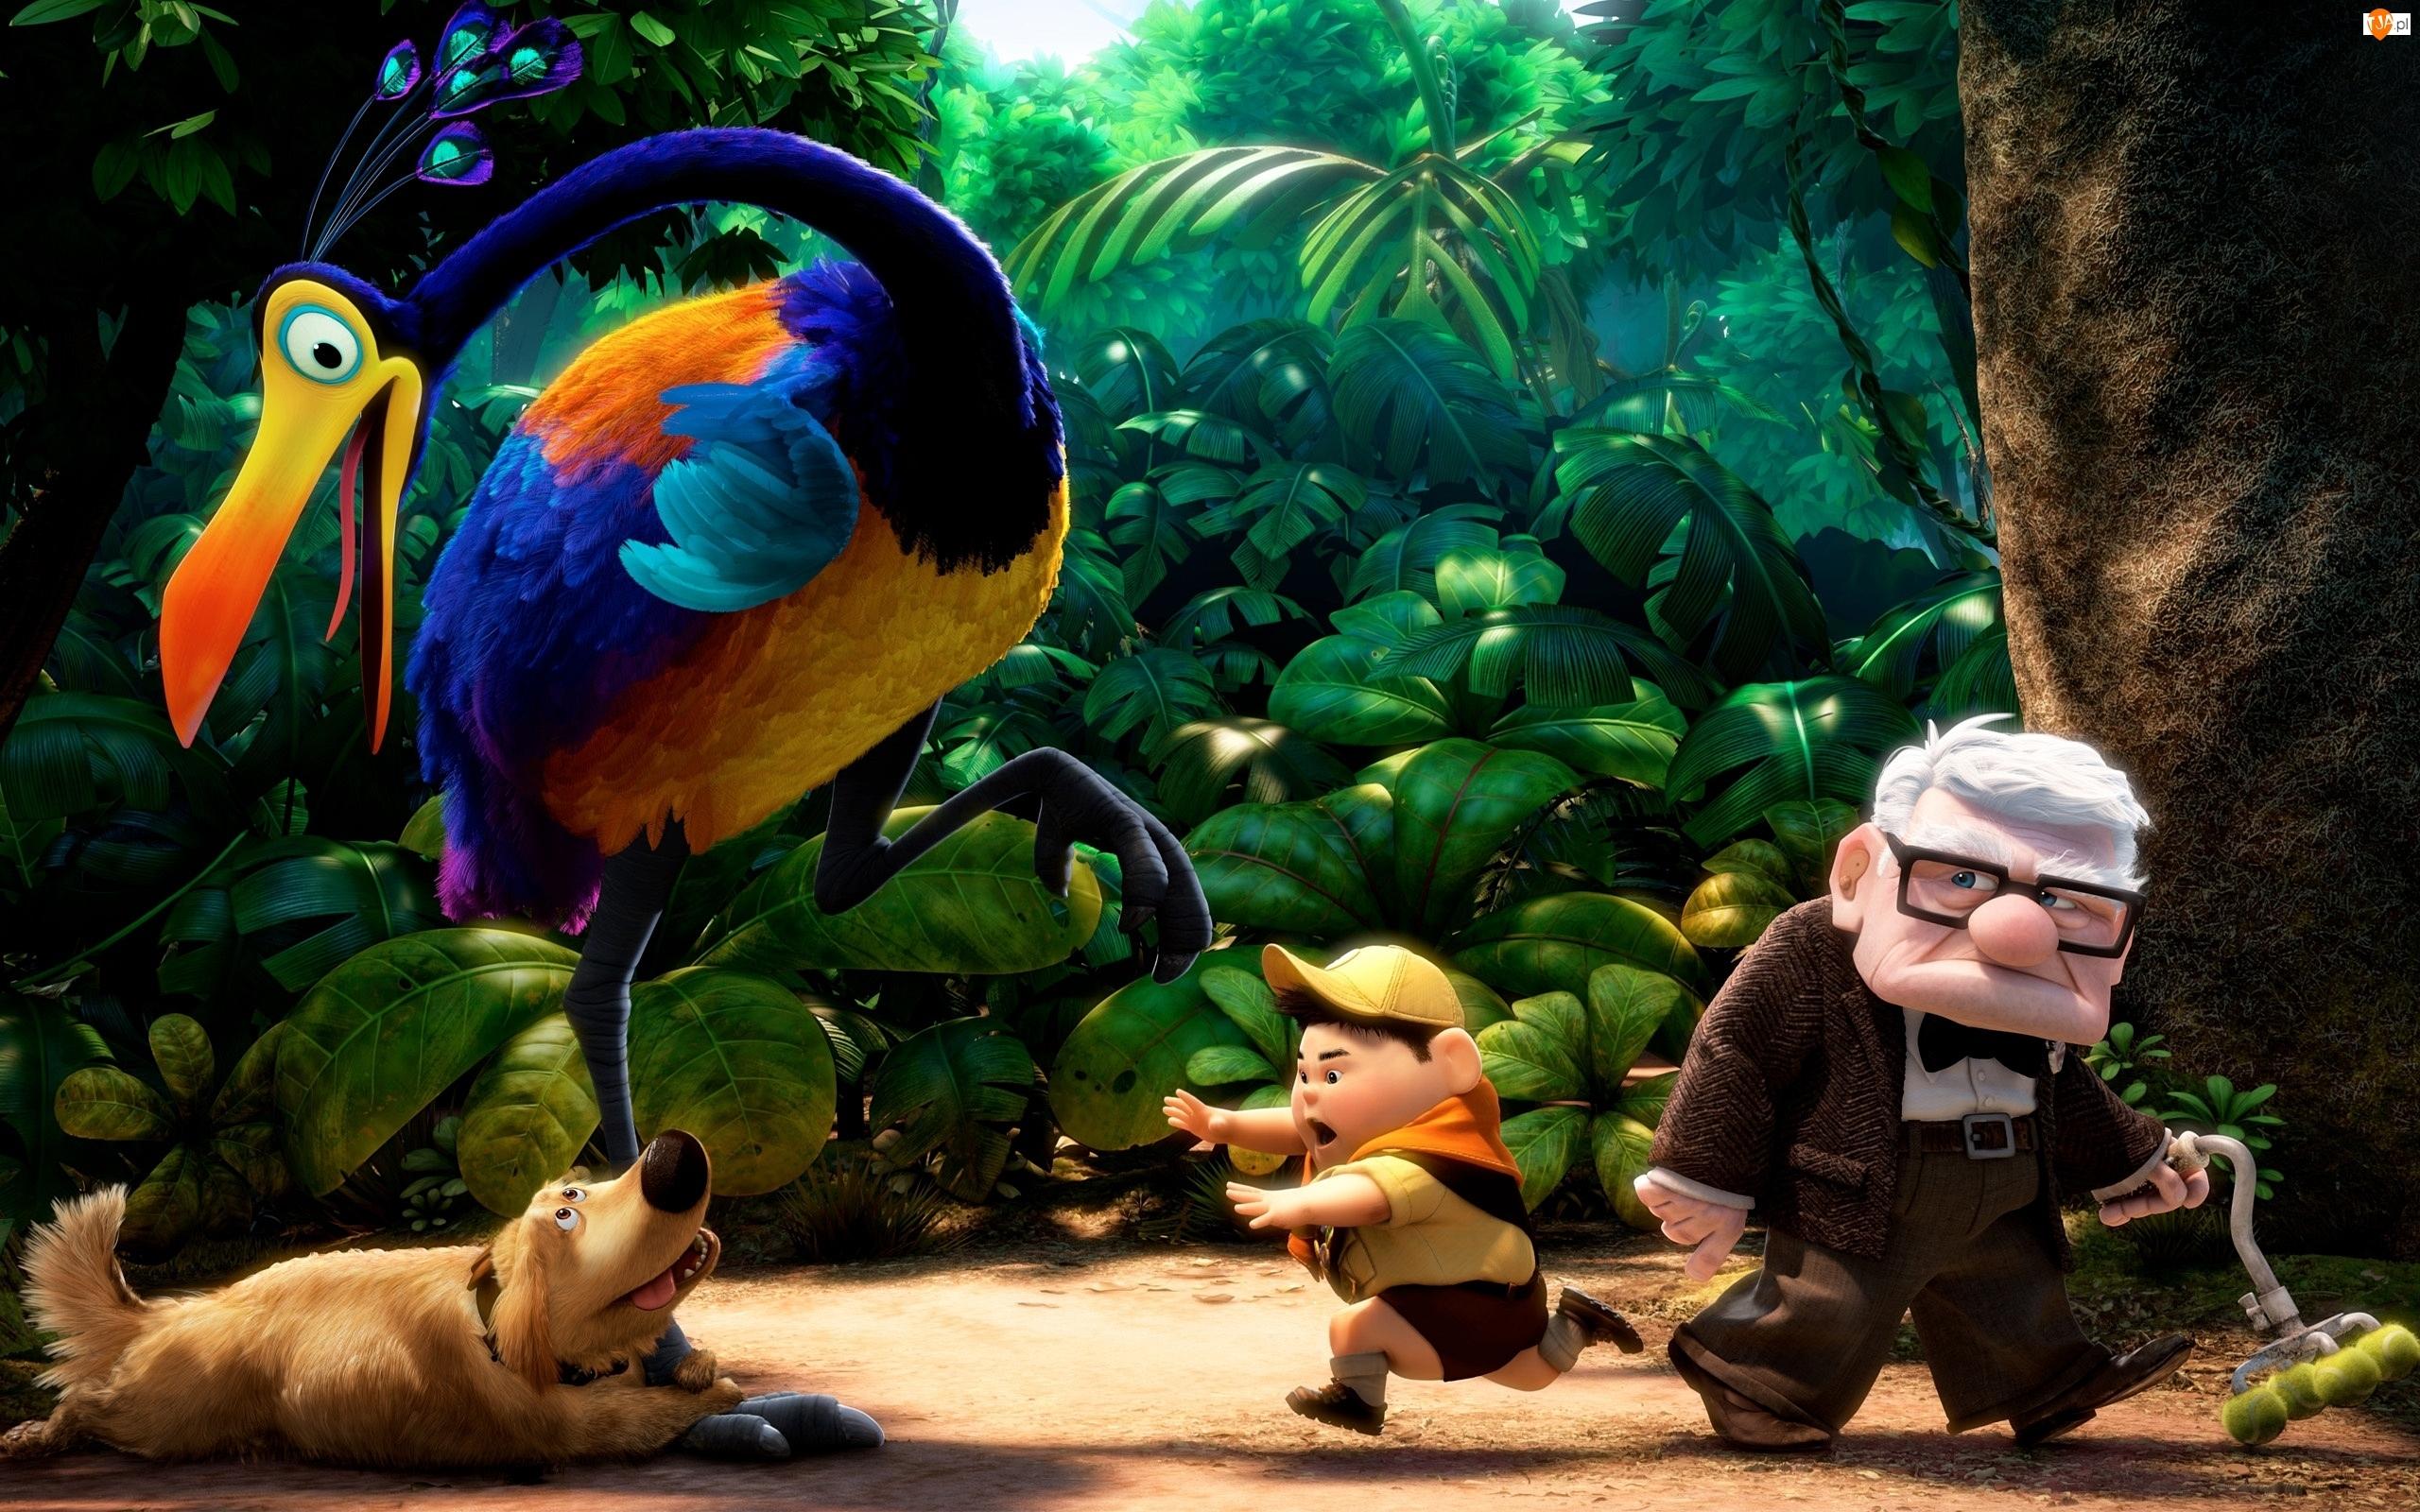 Ptak Stefan, Film animowany, Dziadek Carl Fredricksen, Odlot, Skaut Russell